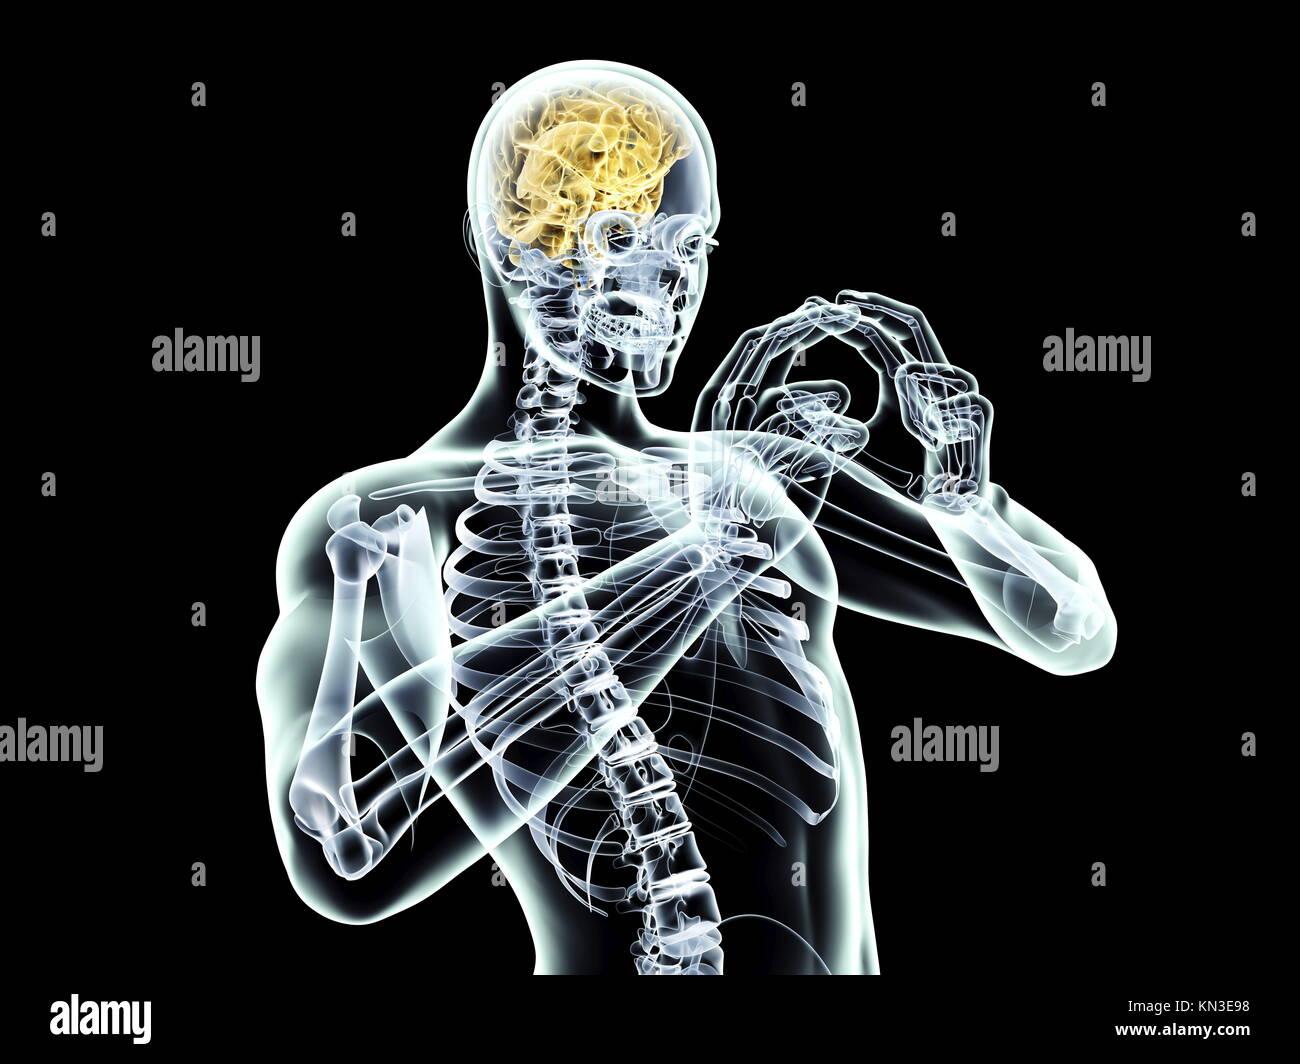 Il potere della mente. 3D reso illustrazione. Isolato su nero. Immagini Stock